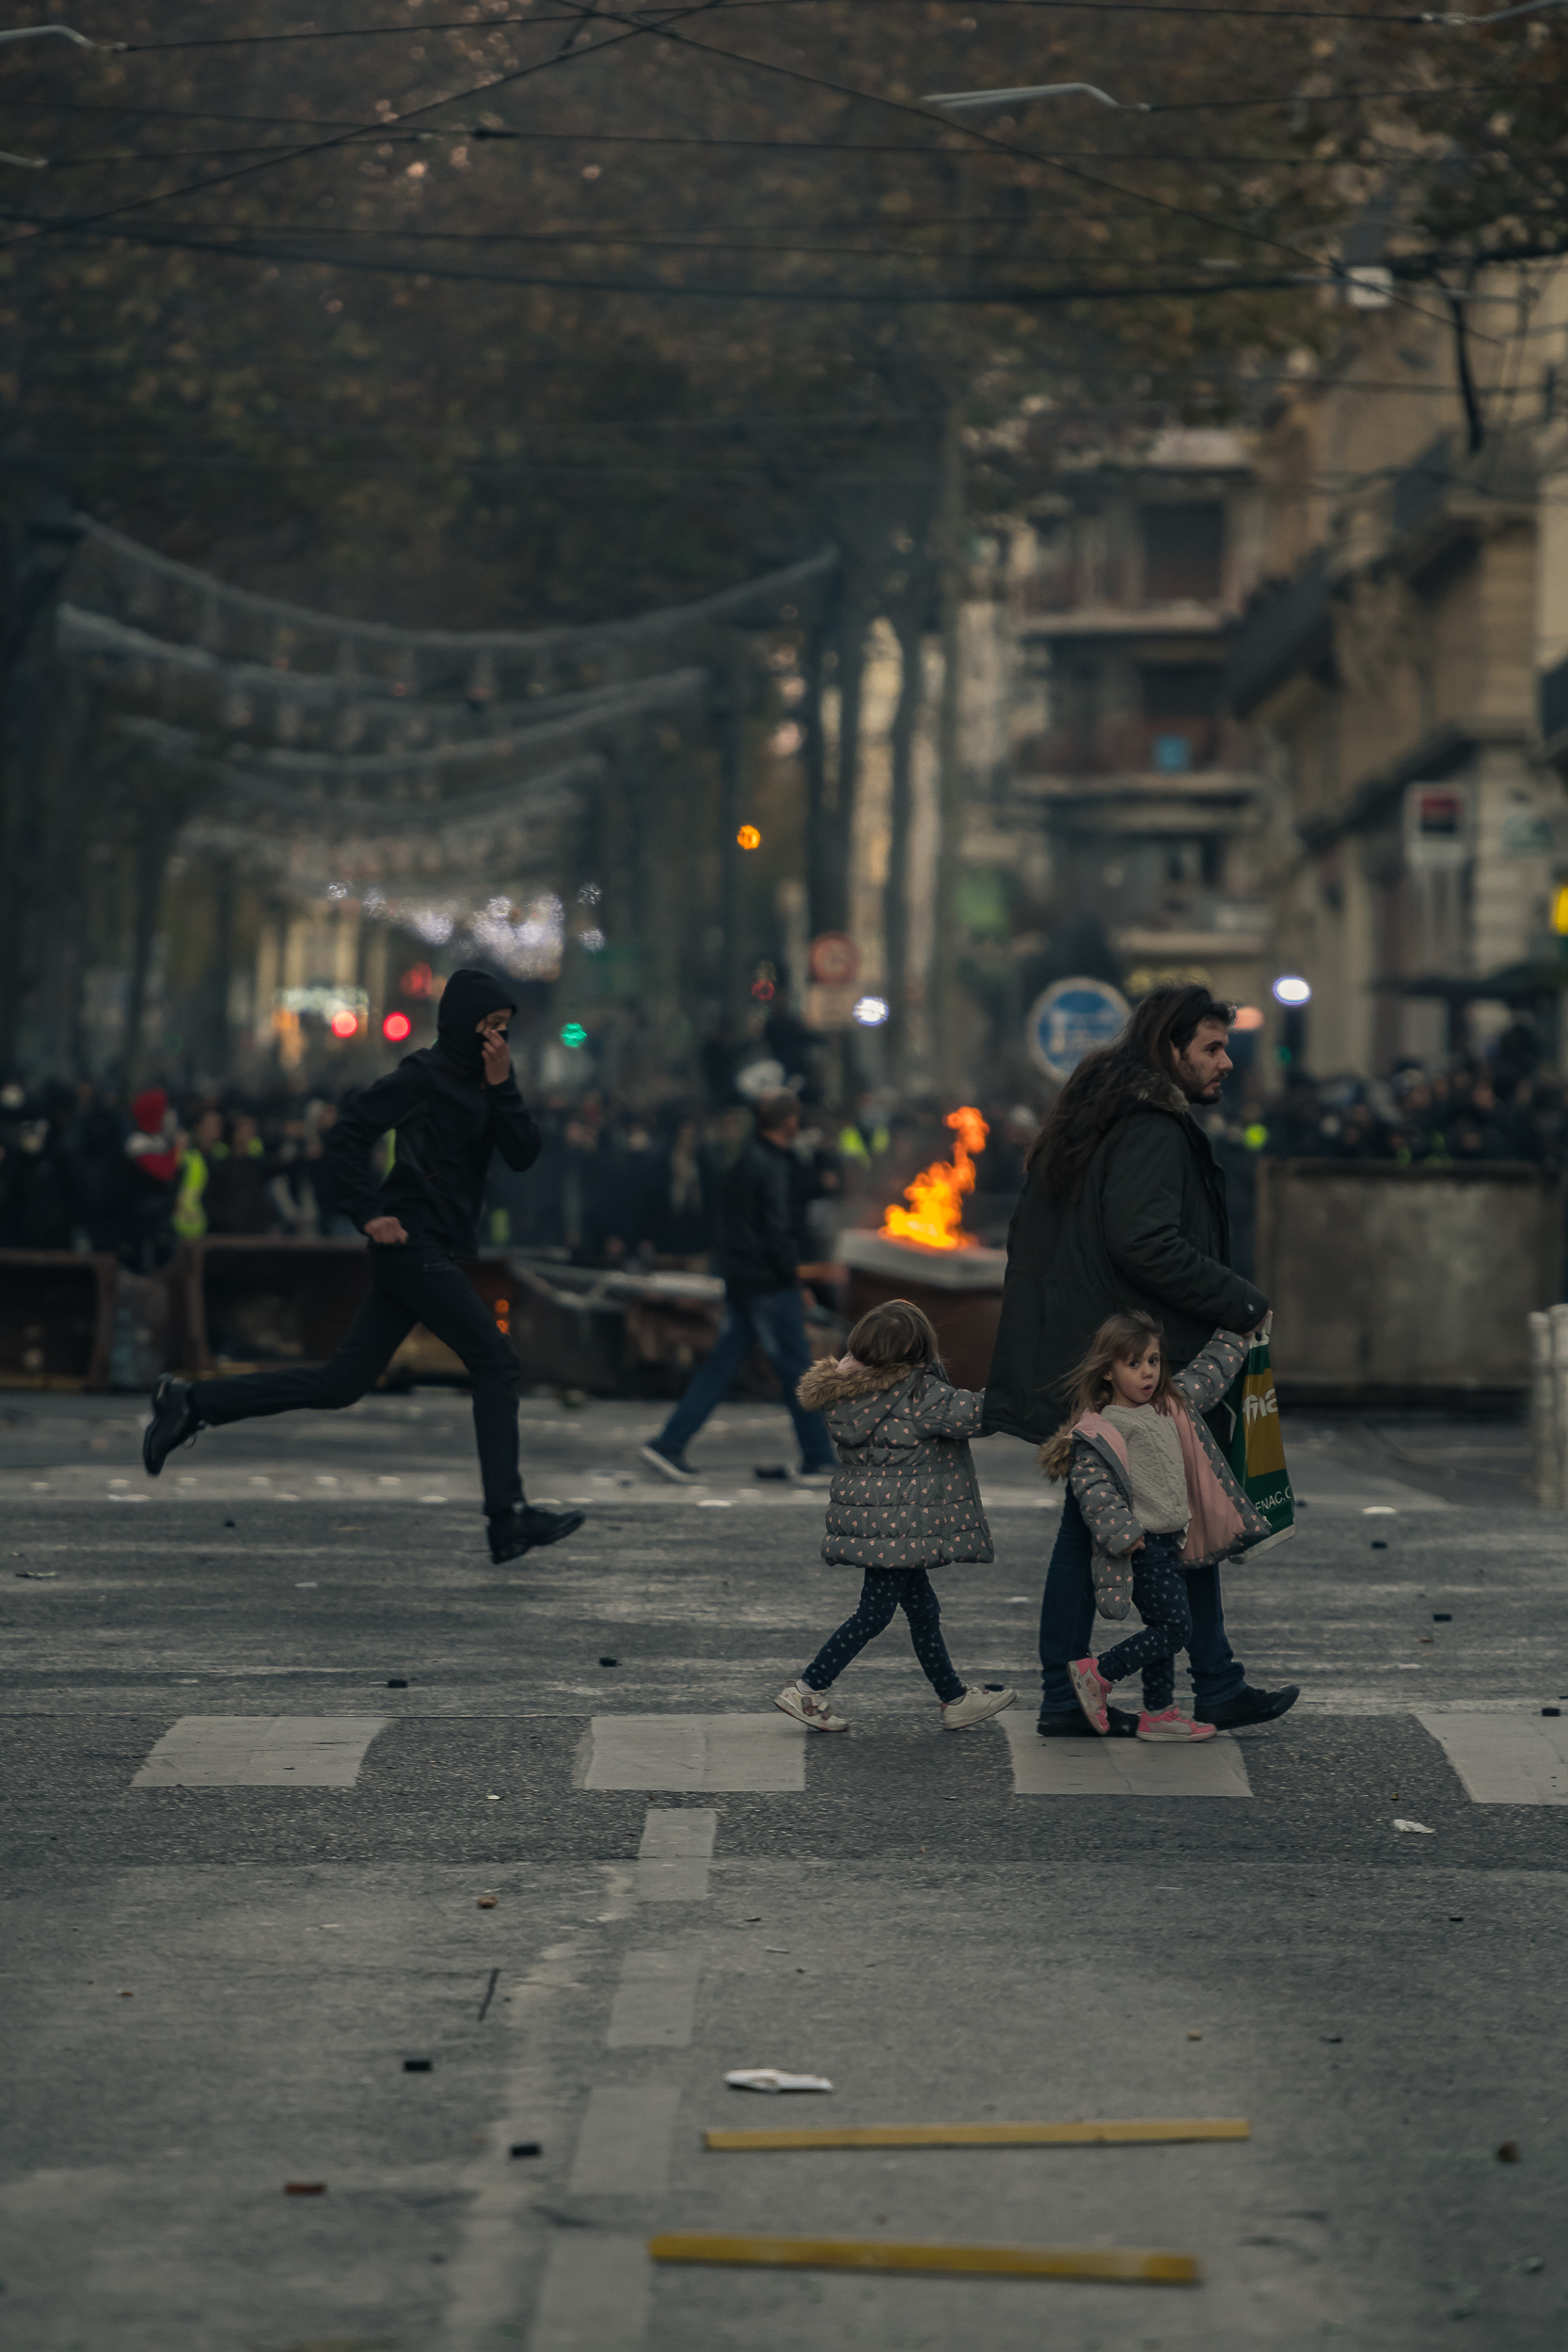 Au millieu du chaos, certains traversent pour rentrer chez eux.